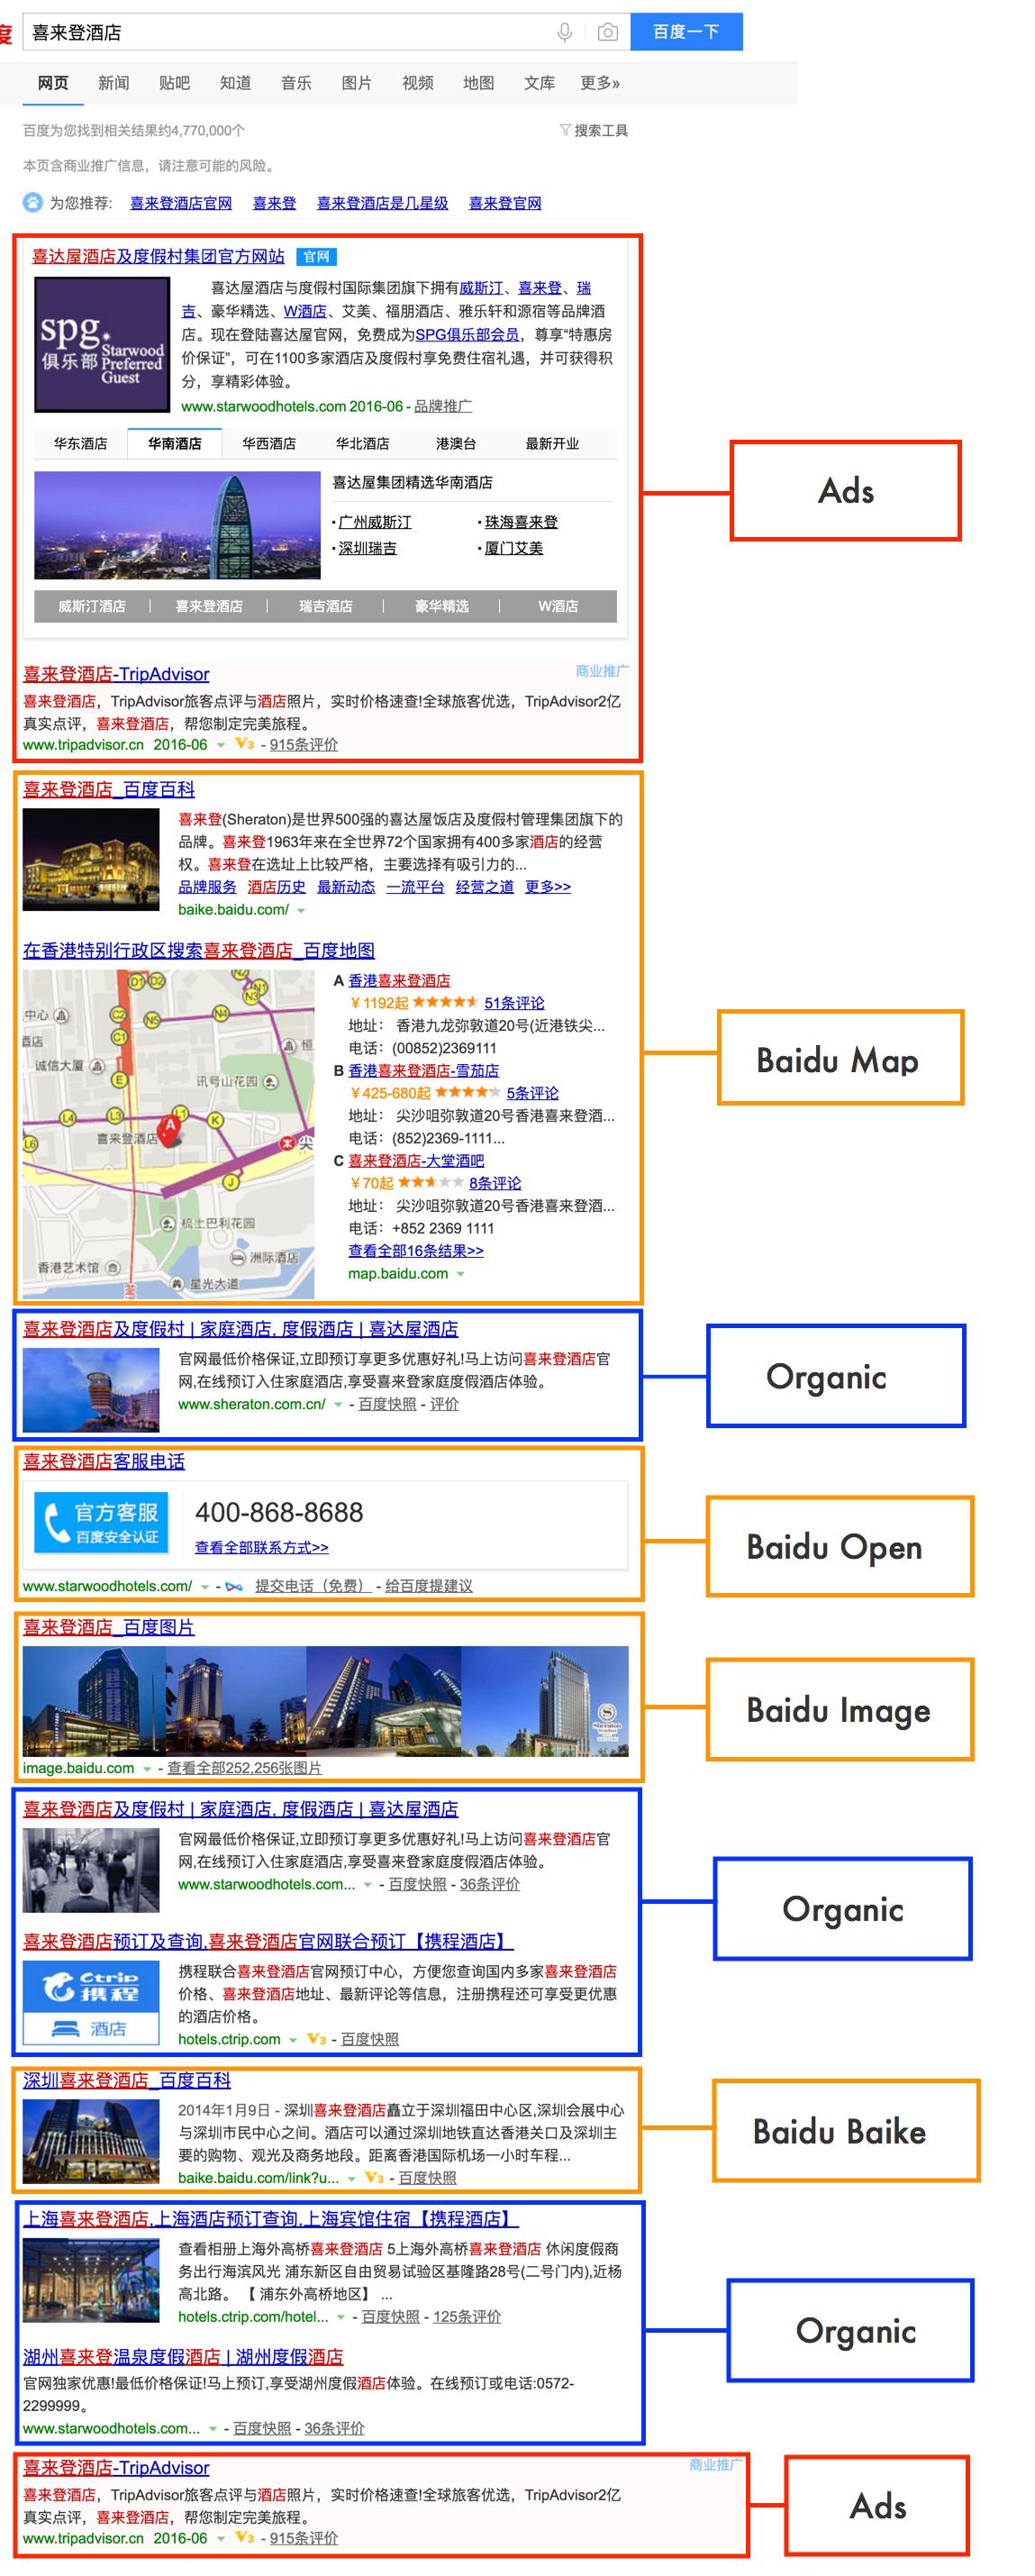 바이두 SEO 검색페이지 (브랜드 검색)